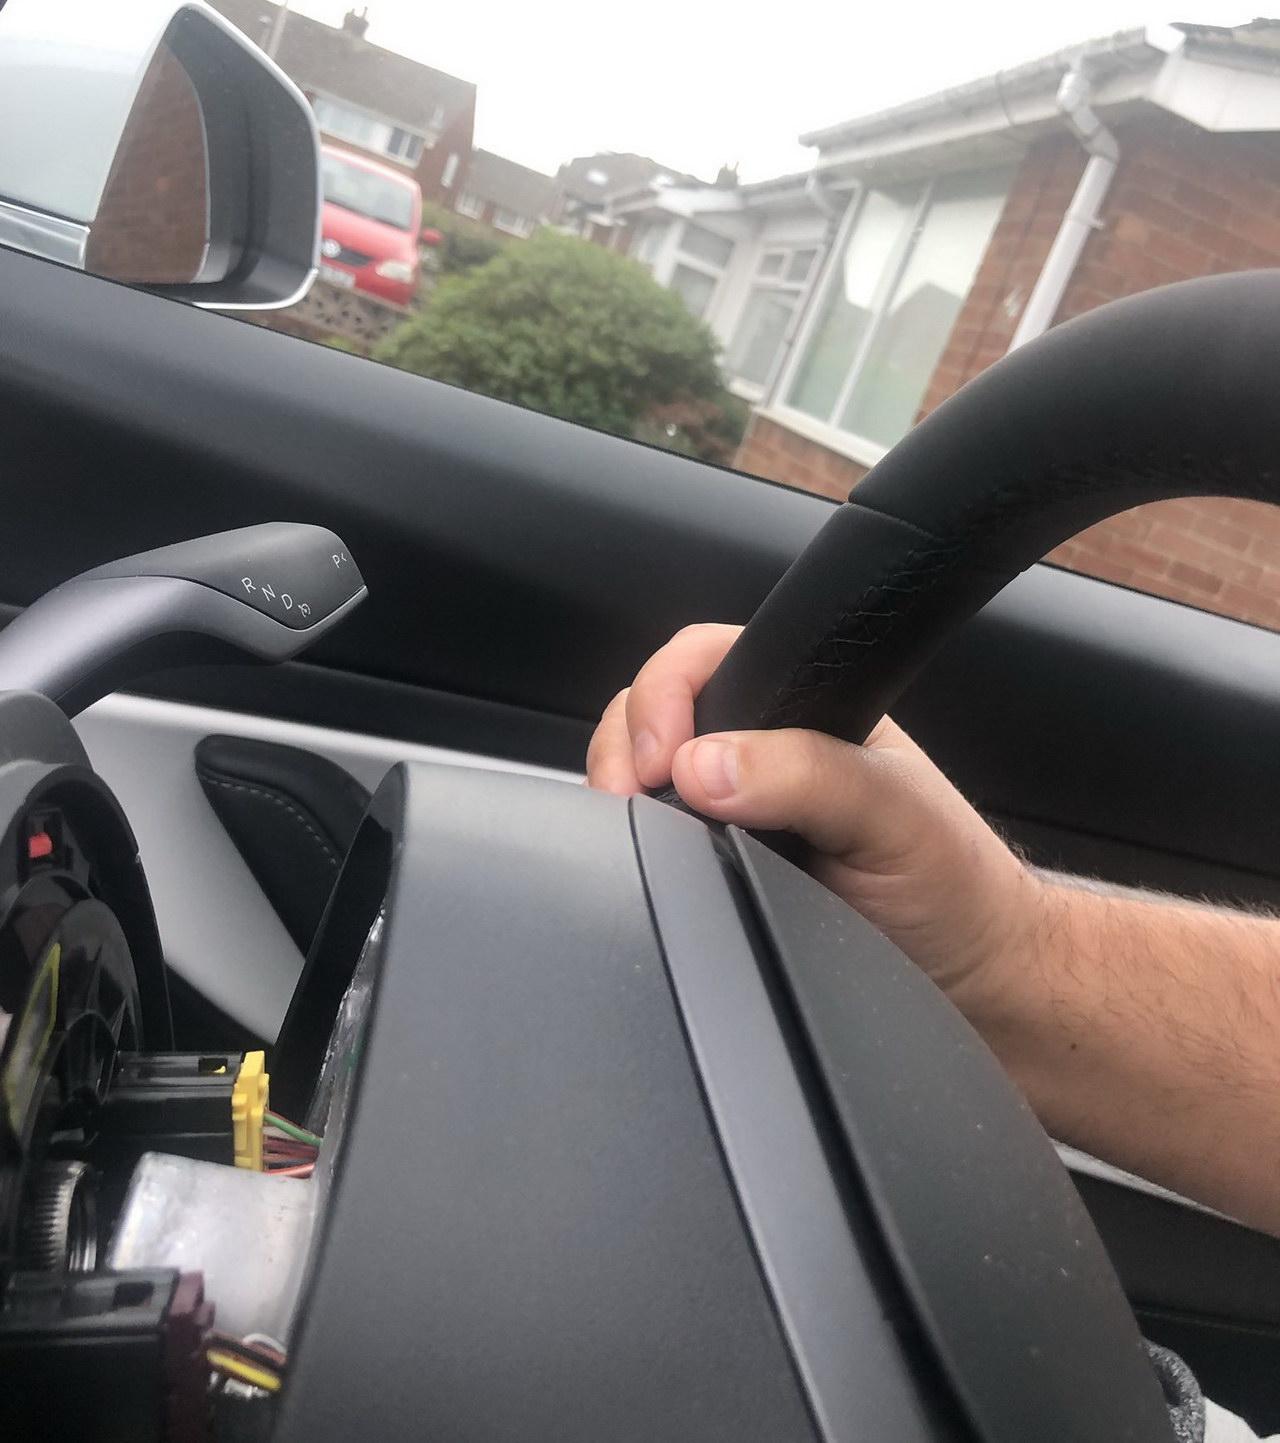 Tesla Steering wheel